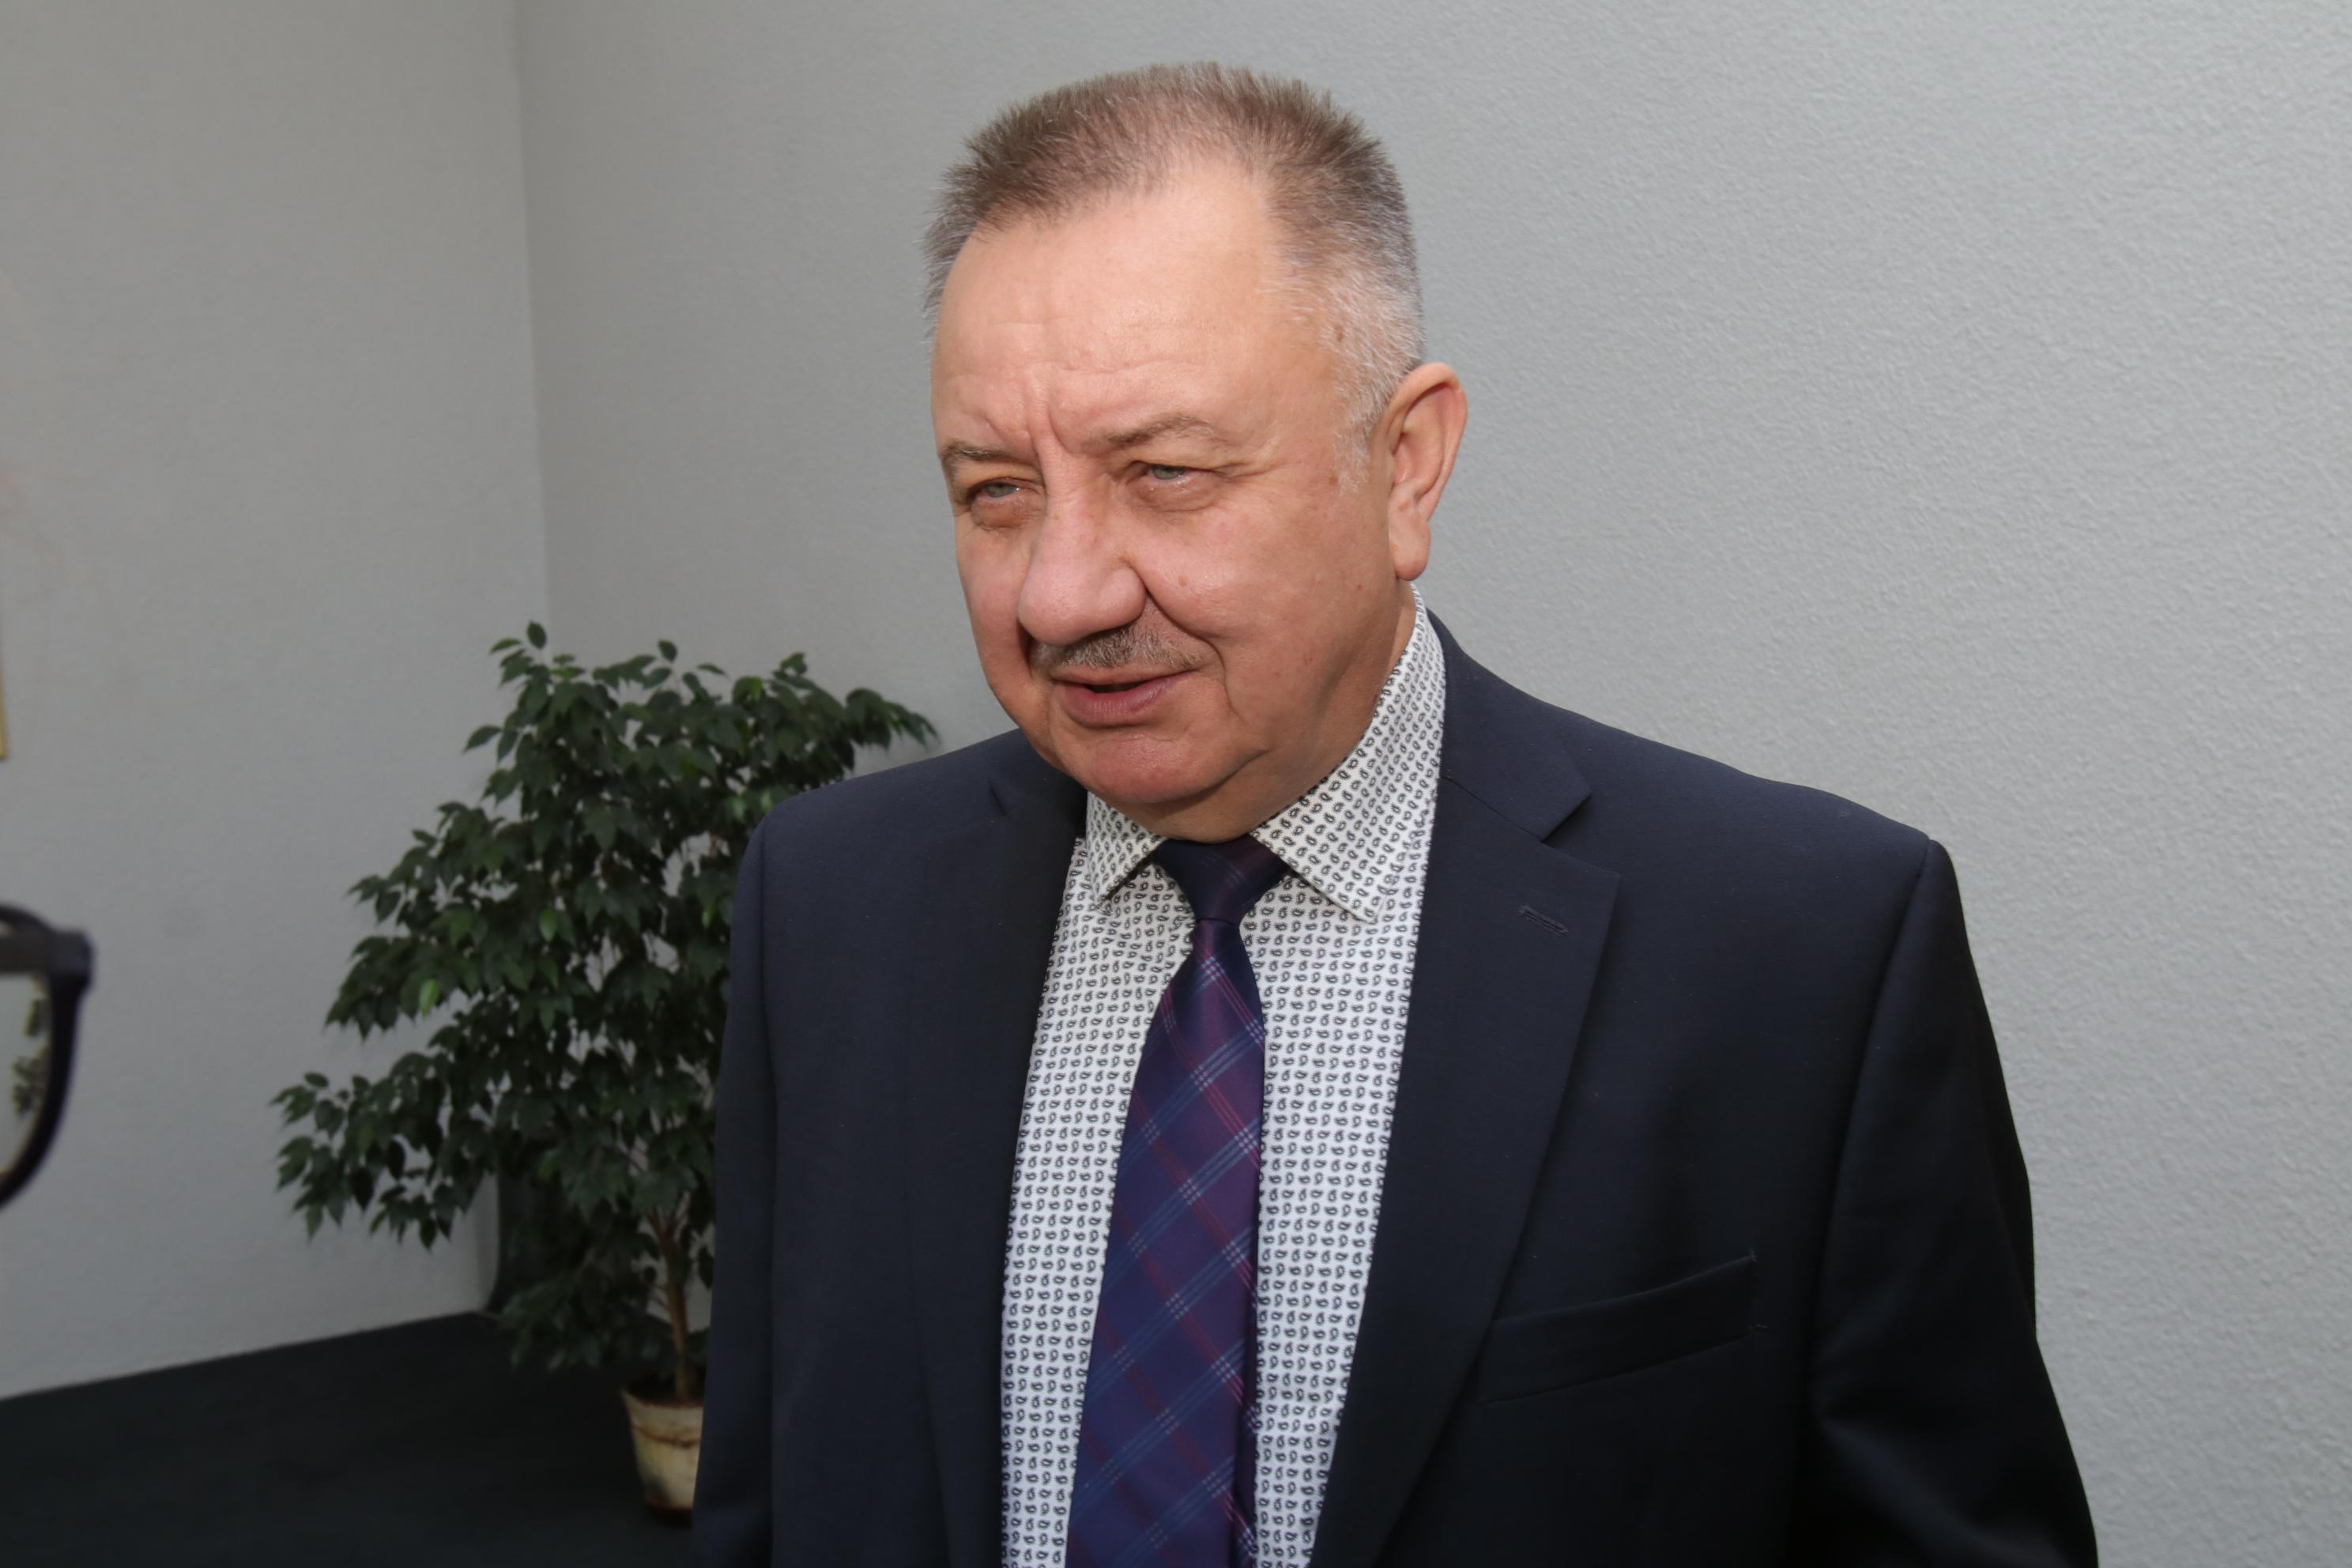 Klaipėdos ir Panevėžio ligoninės sako vienkartinių priemonių pakartotinai nenaudojančios